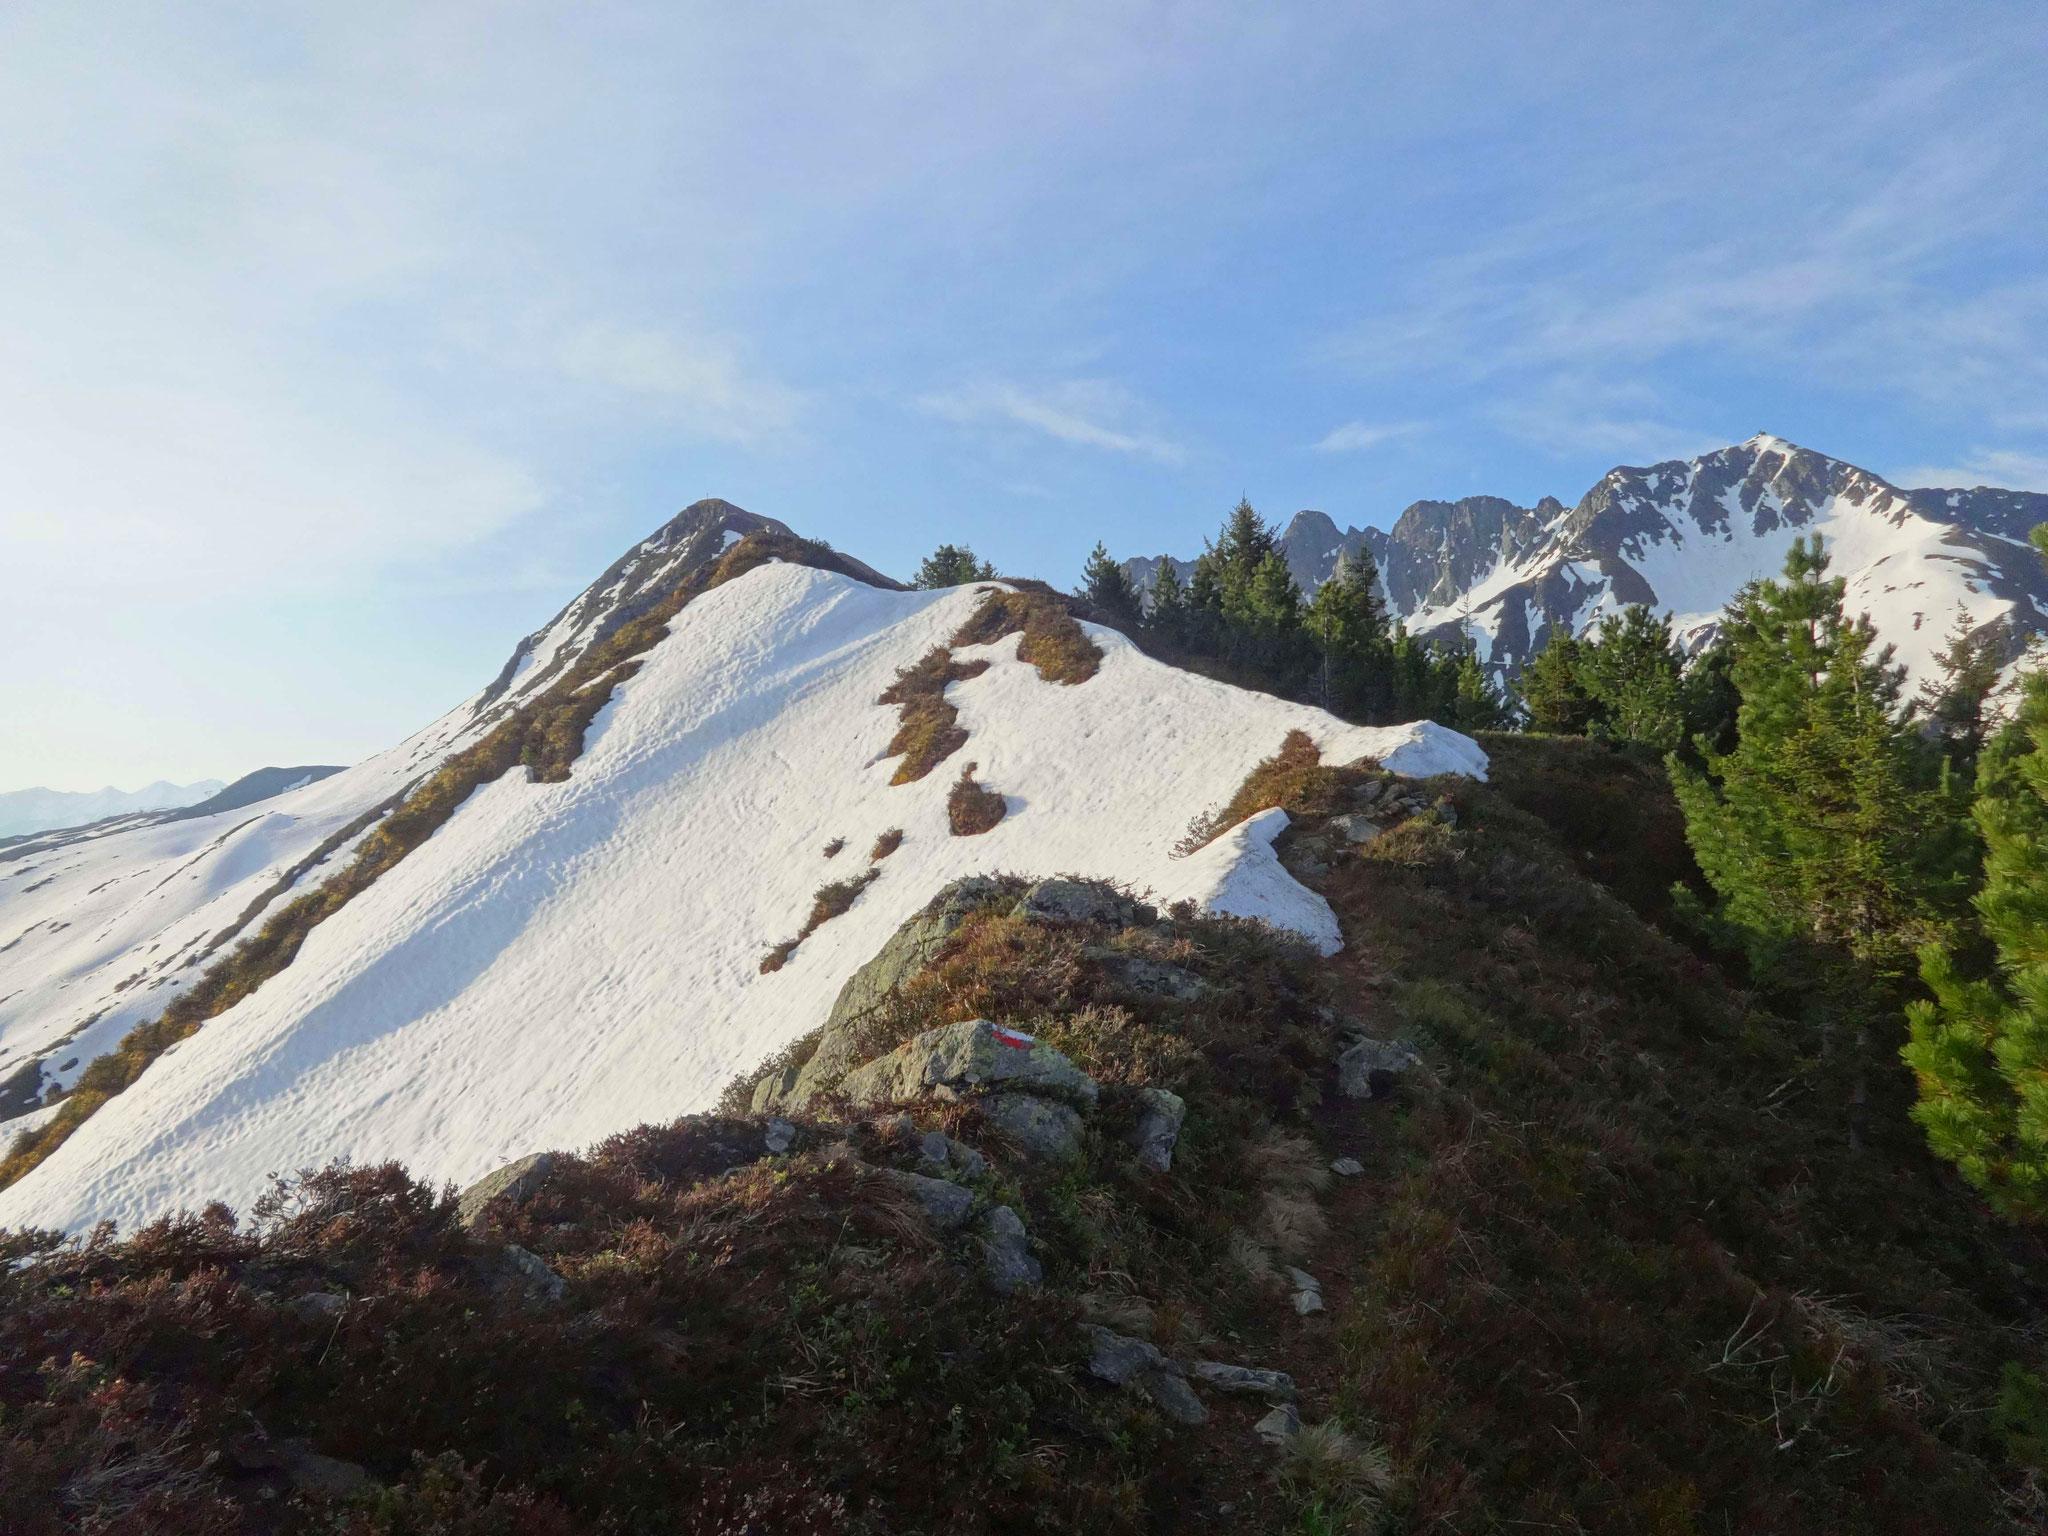 Wir halten uns auf dem breiten, nie wirklich ausgesetzten Weg Richtung Gipfelziel...